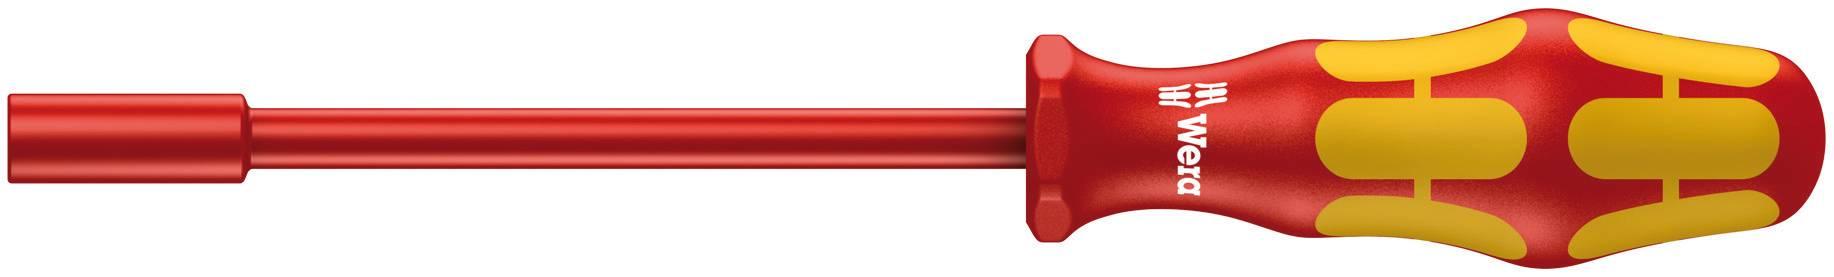 VDE nástrčný kľúč vonkajší šesťhran Wera 190 i 05005325001, čepel 125 mm, klíč 10 mm, nástrojová oceľ